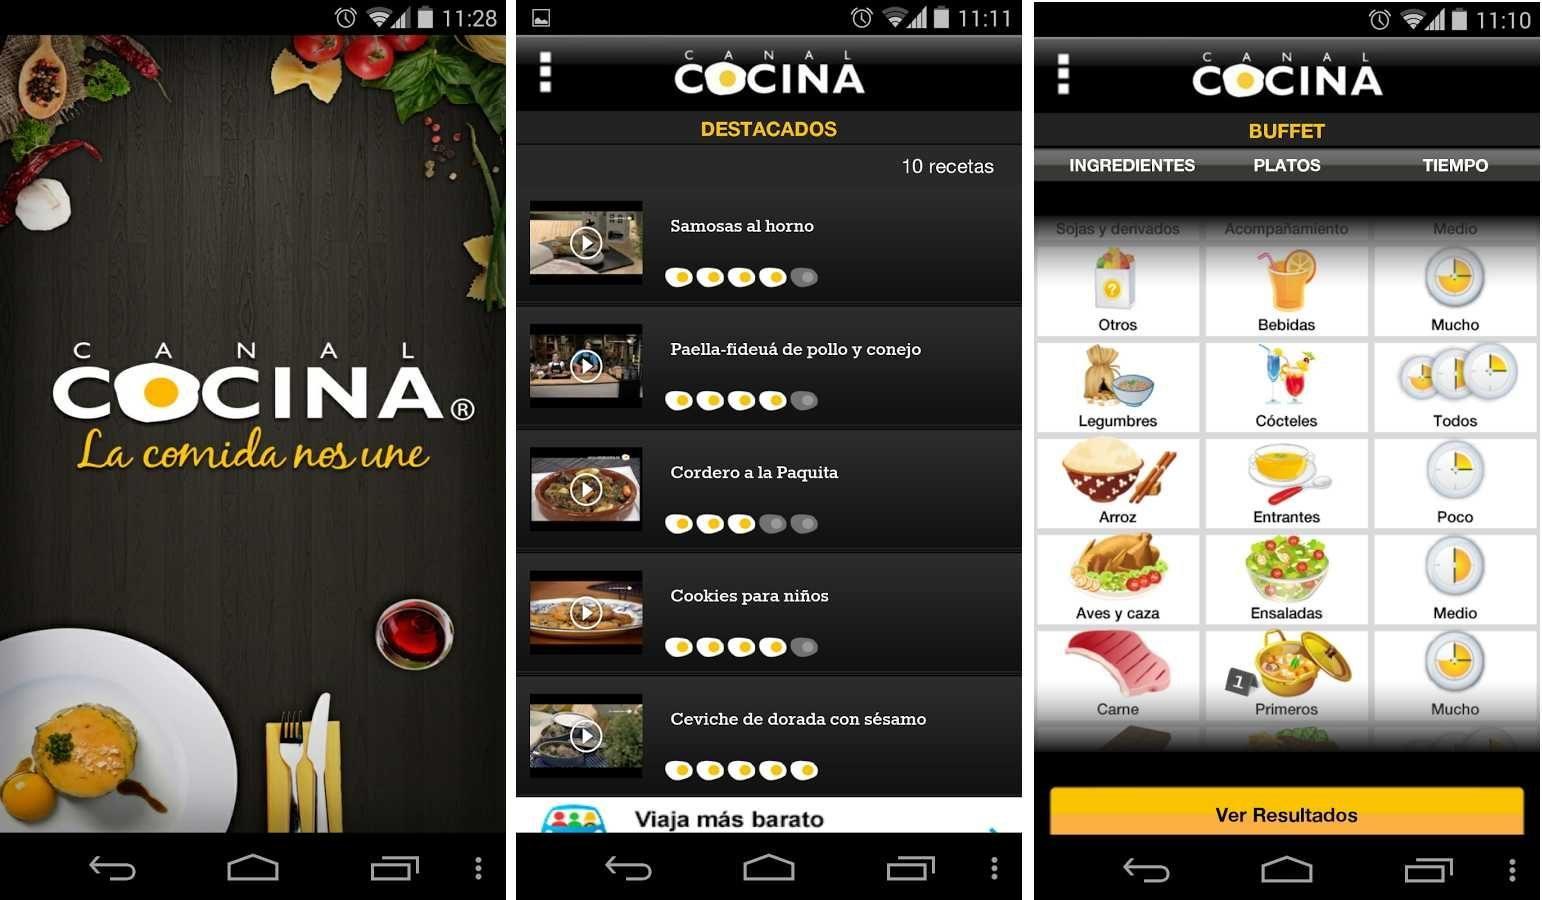 Canal cocina mejor app android con recetas de cocina for Chema de isidro canal cocina